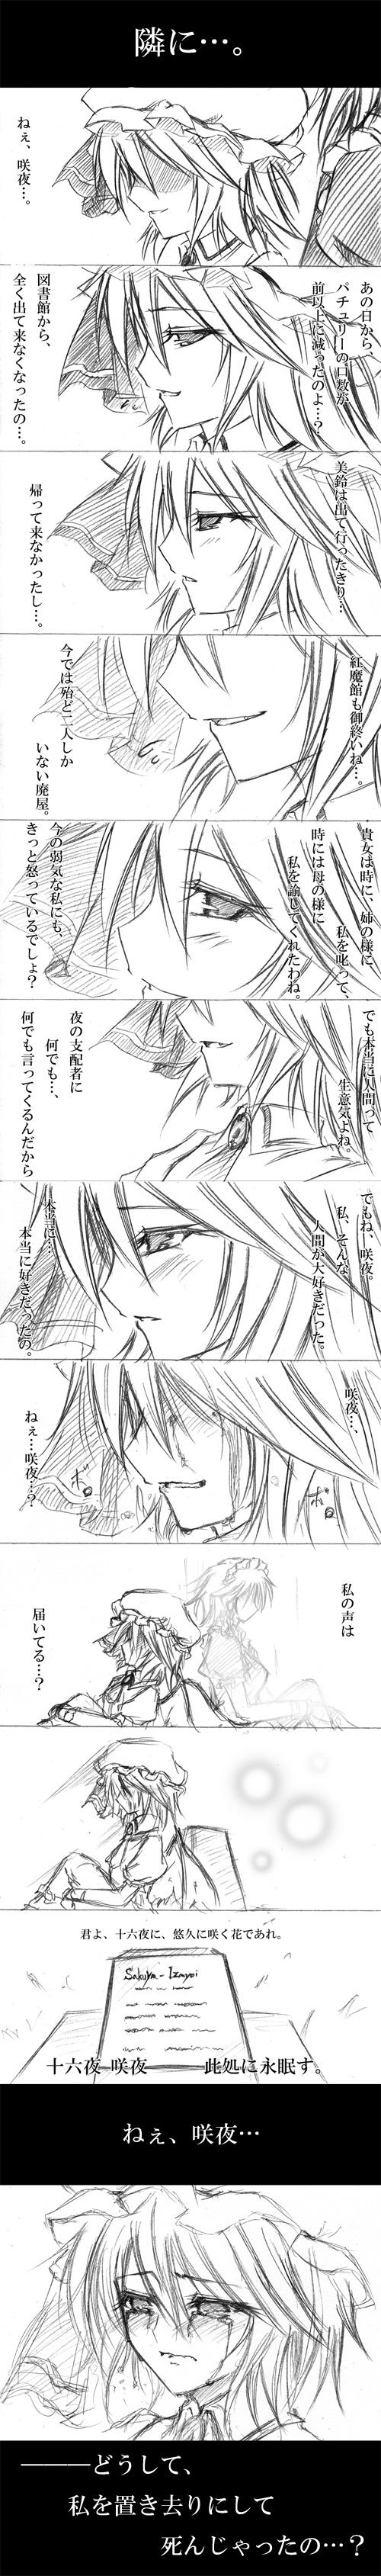 izayoi sakuya and remilia scarlet (touhou) drawn by hazuki kasane